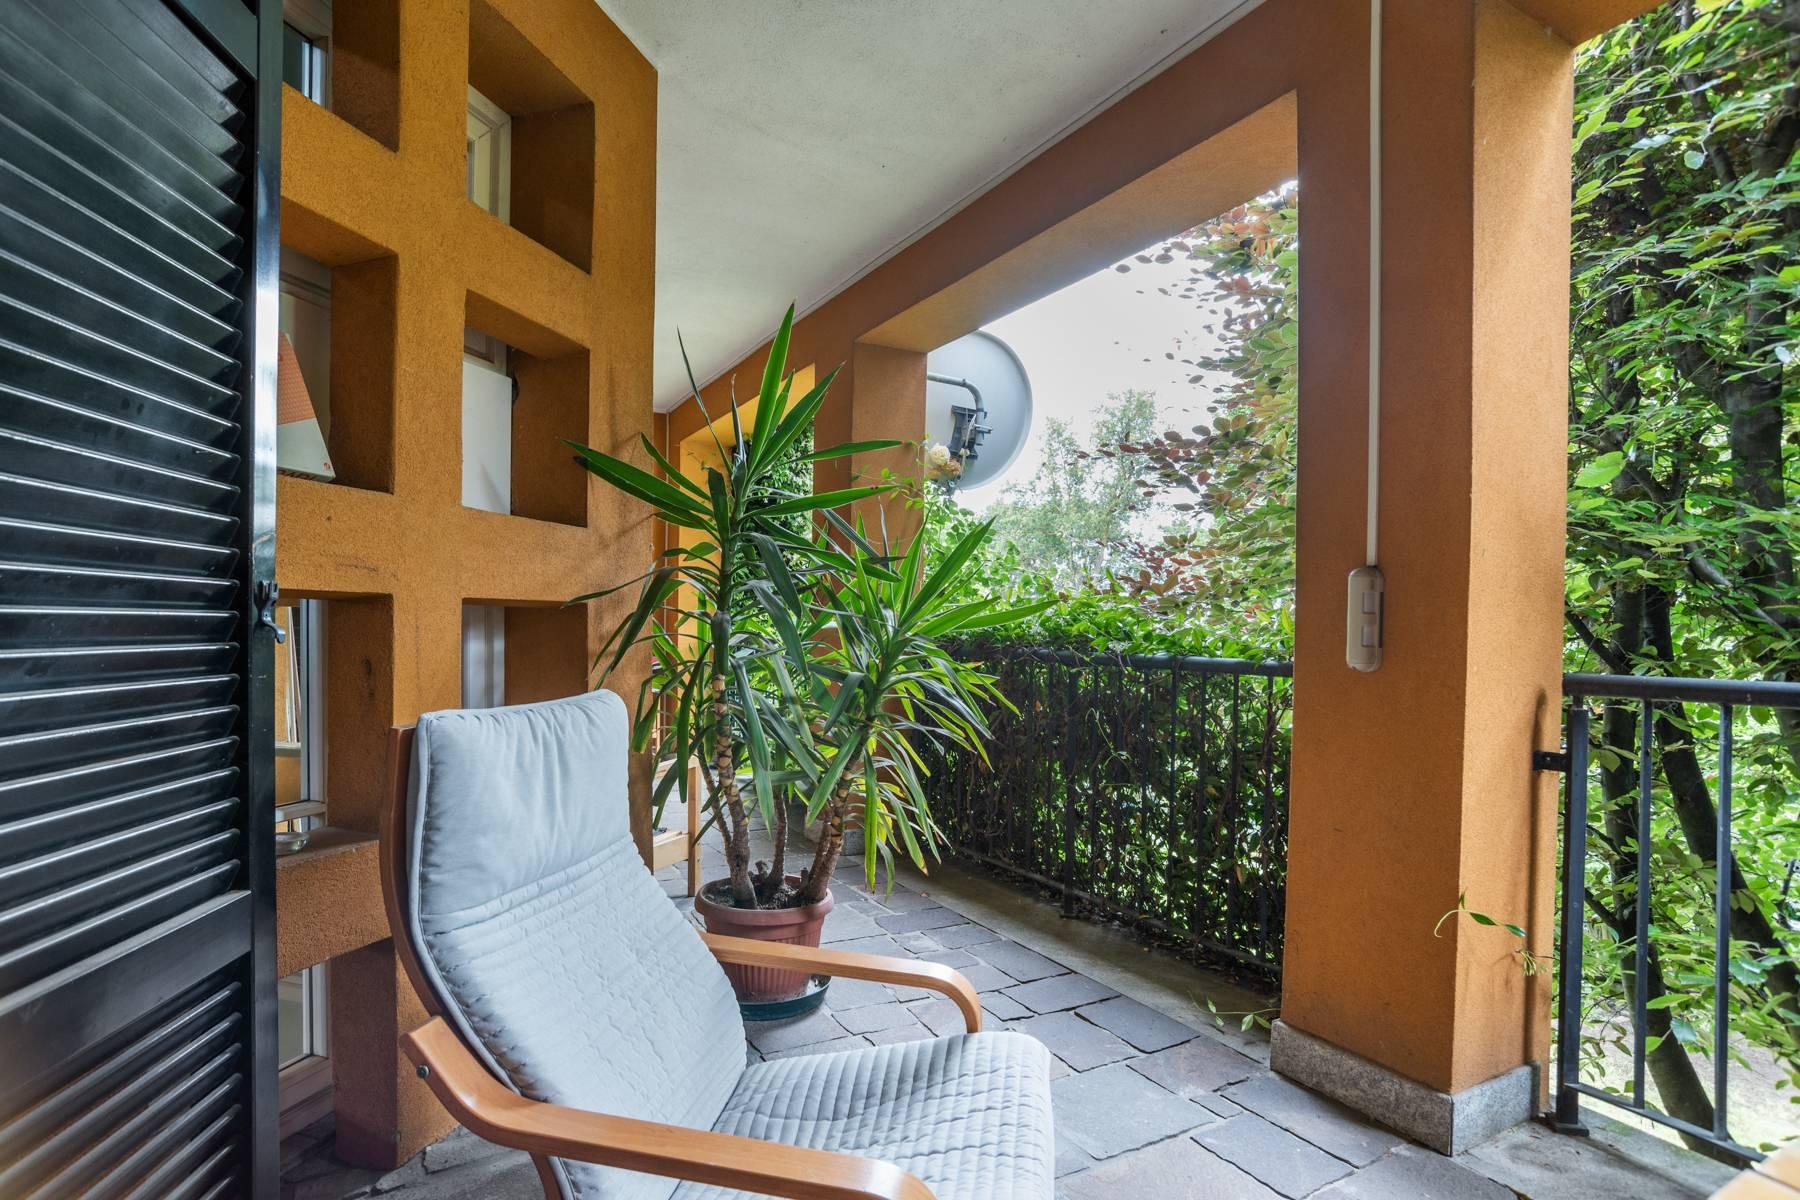 Villa in Vendita a Agrate Conturbia: 5 locali, 239 mq - Foto 15